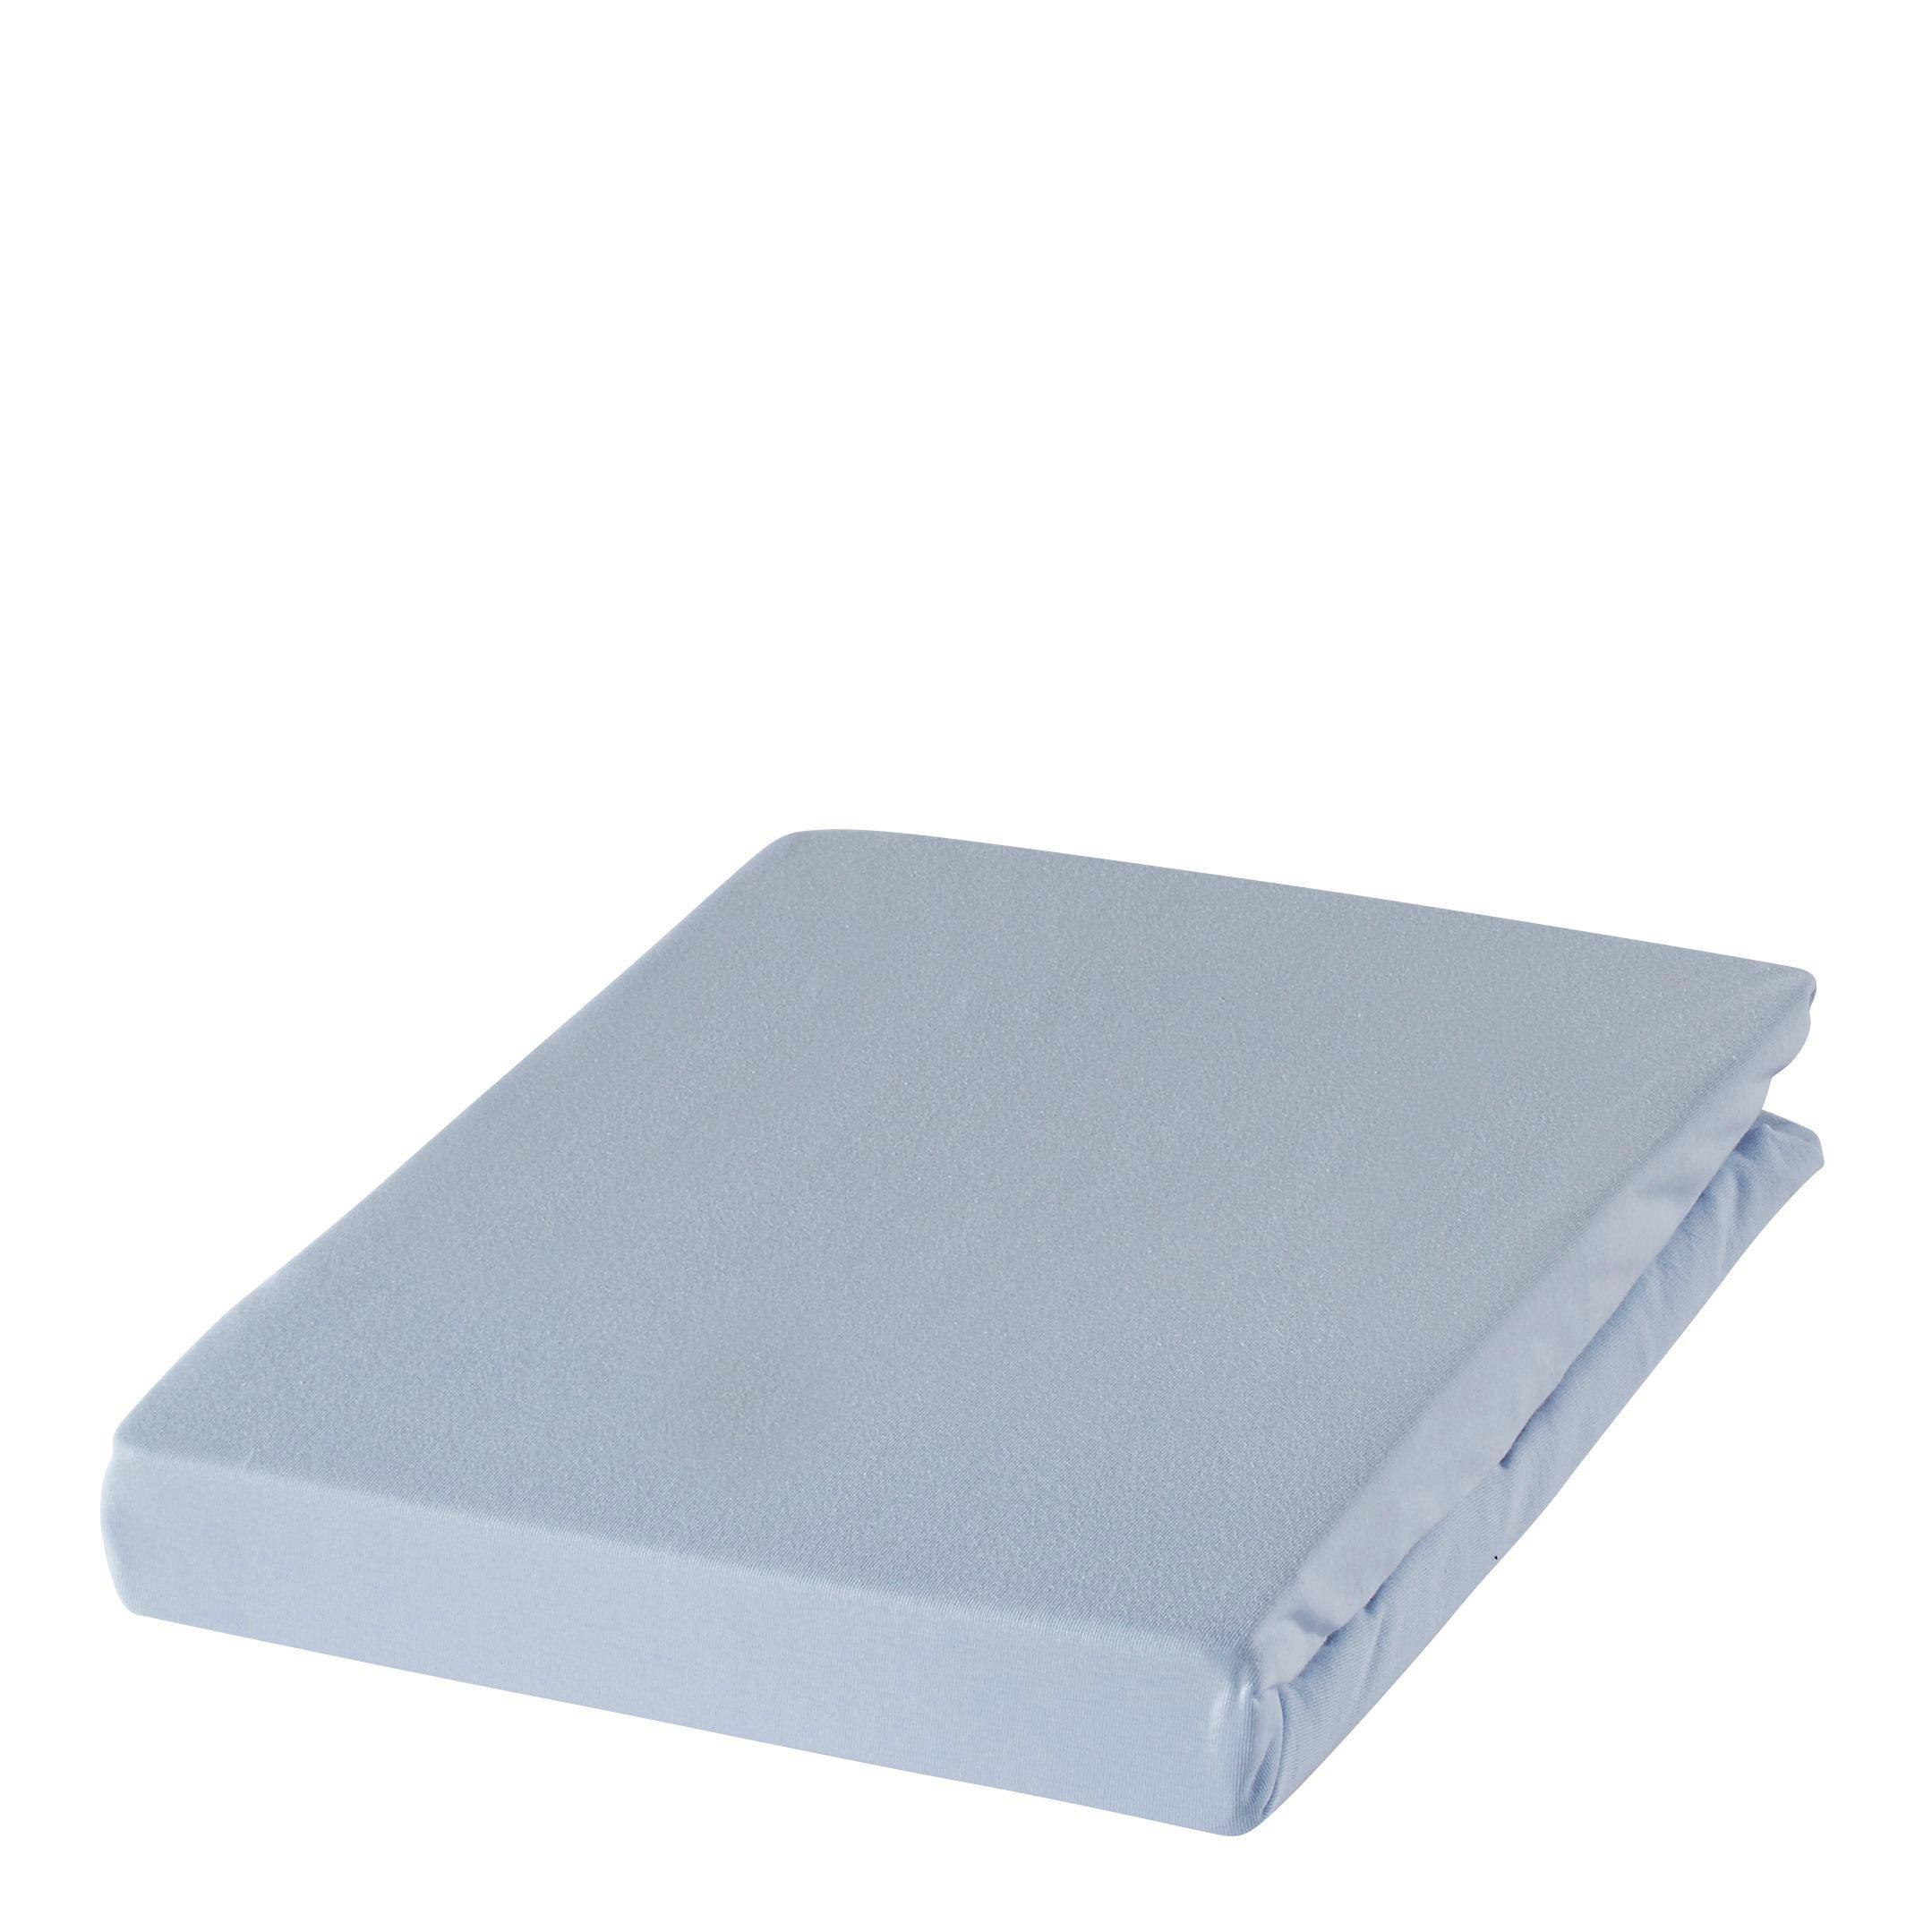 SPANNBETTTUCH Zwirn-Jersey Hellblau bügelfrei, für Wasserbetten geeignet - Hellblau, Basics, Textil (150/200cm) - ESTELLA